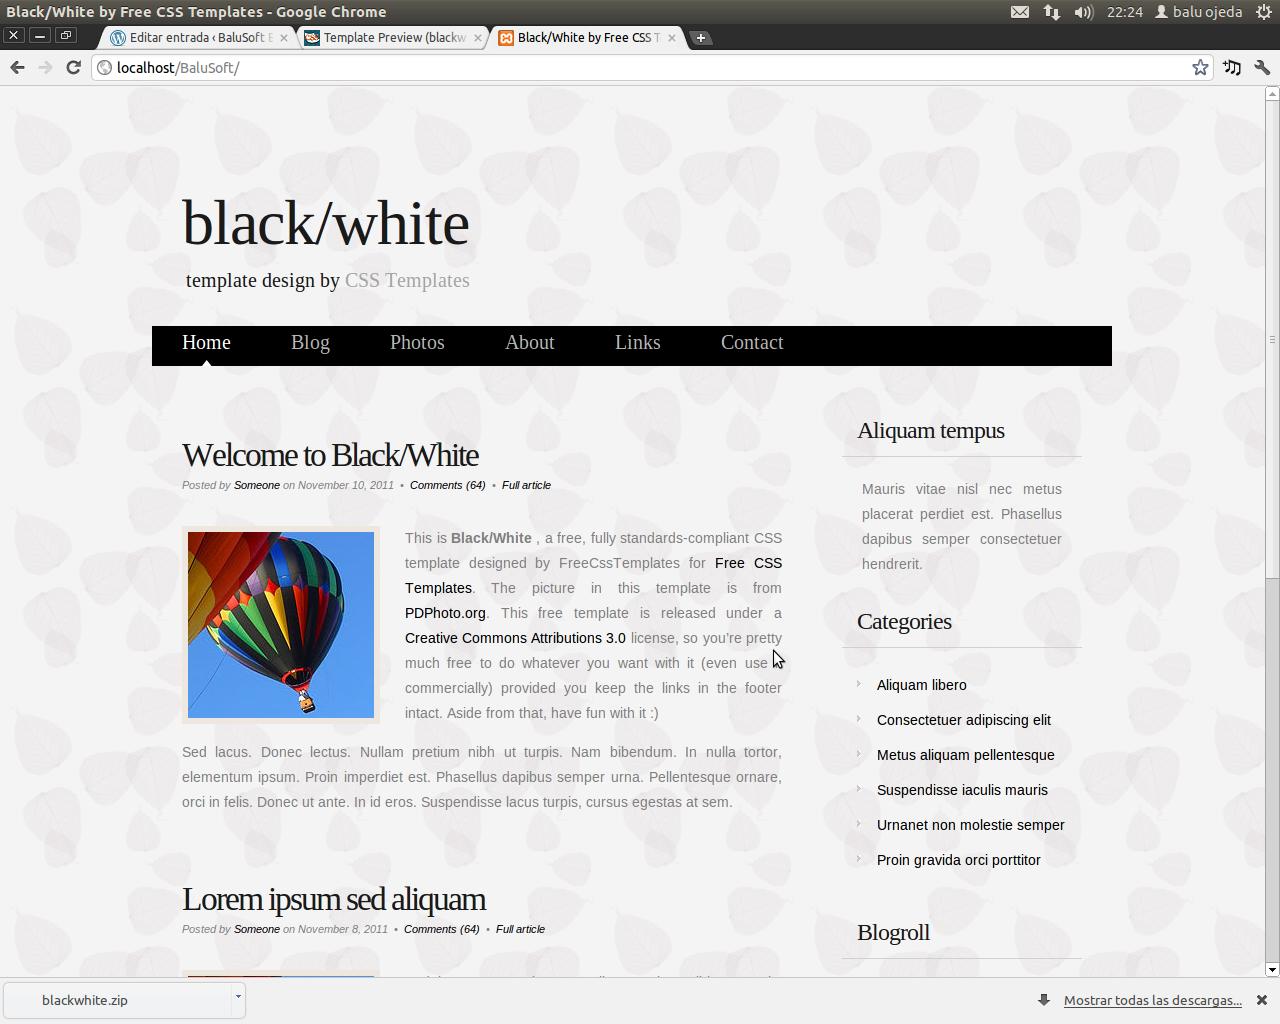 Creando una aplicación web con PHP (Parte 1) – Balusoft Blog